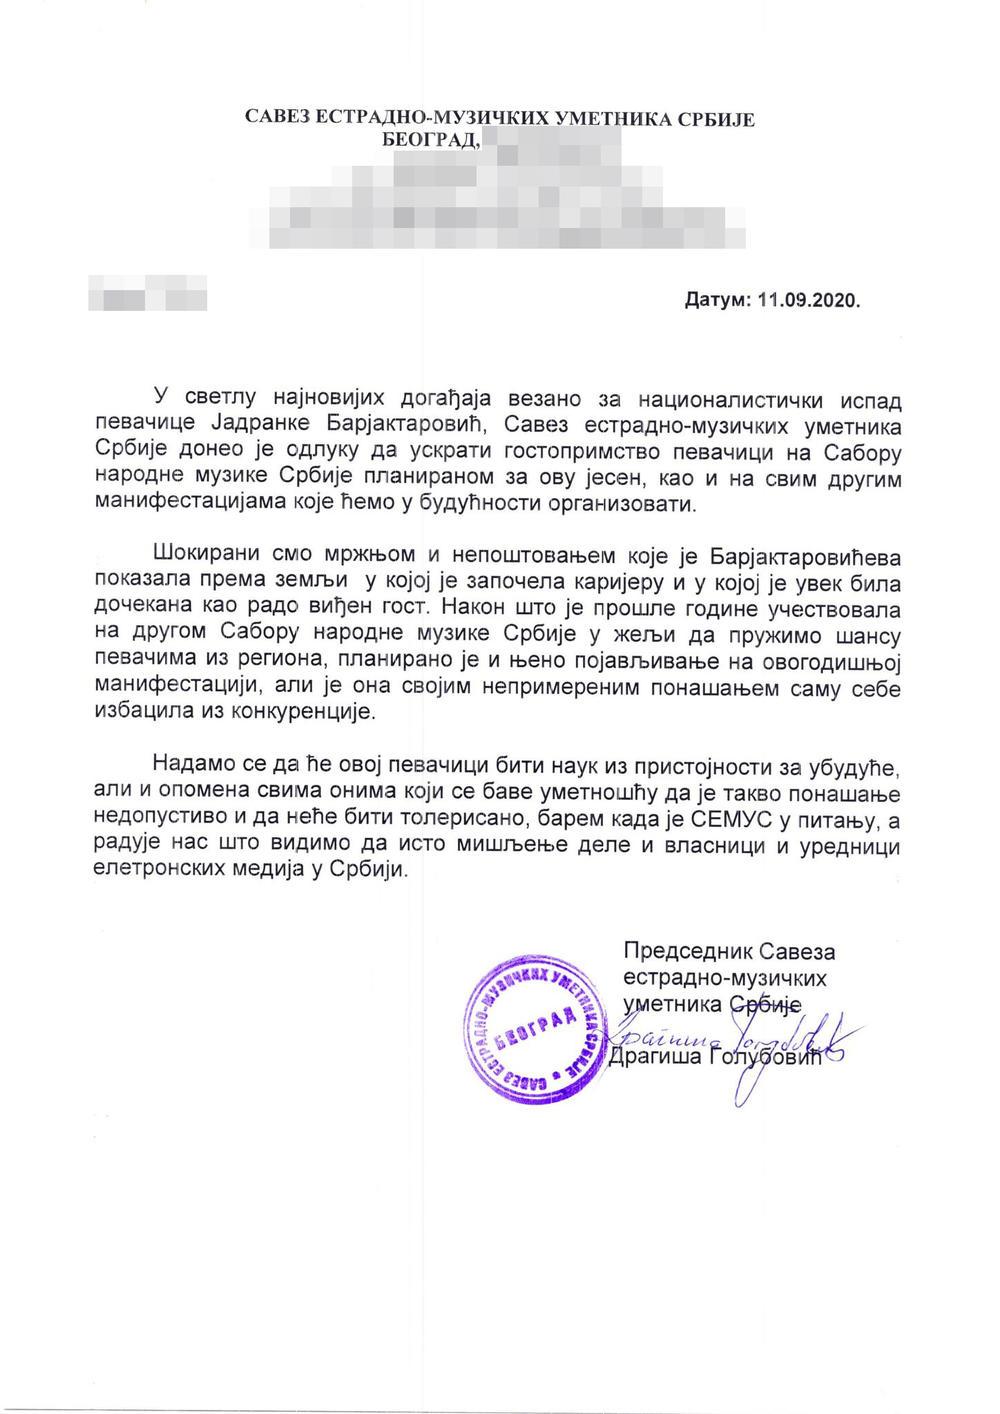 Певачица Јадранка Барјактаровић избачена са српских телевизија и дисквалификована са фестивала